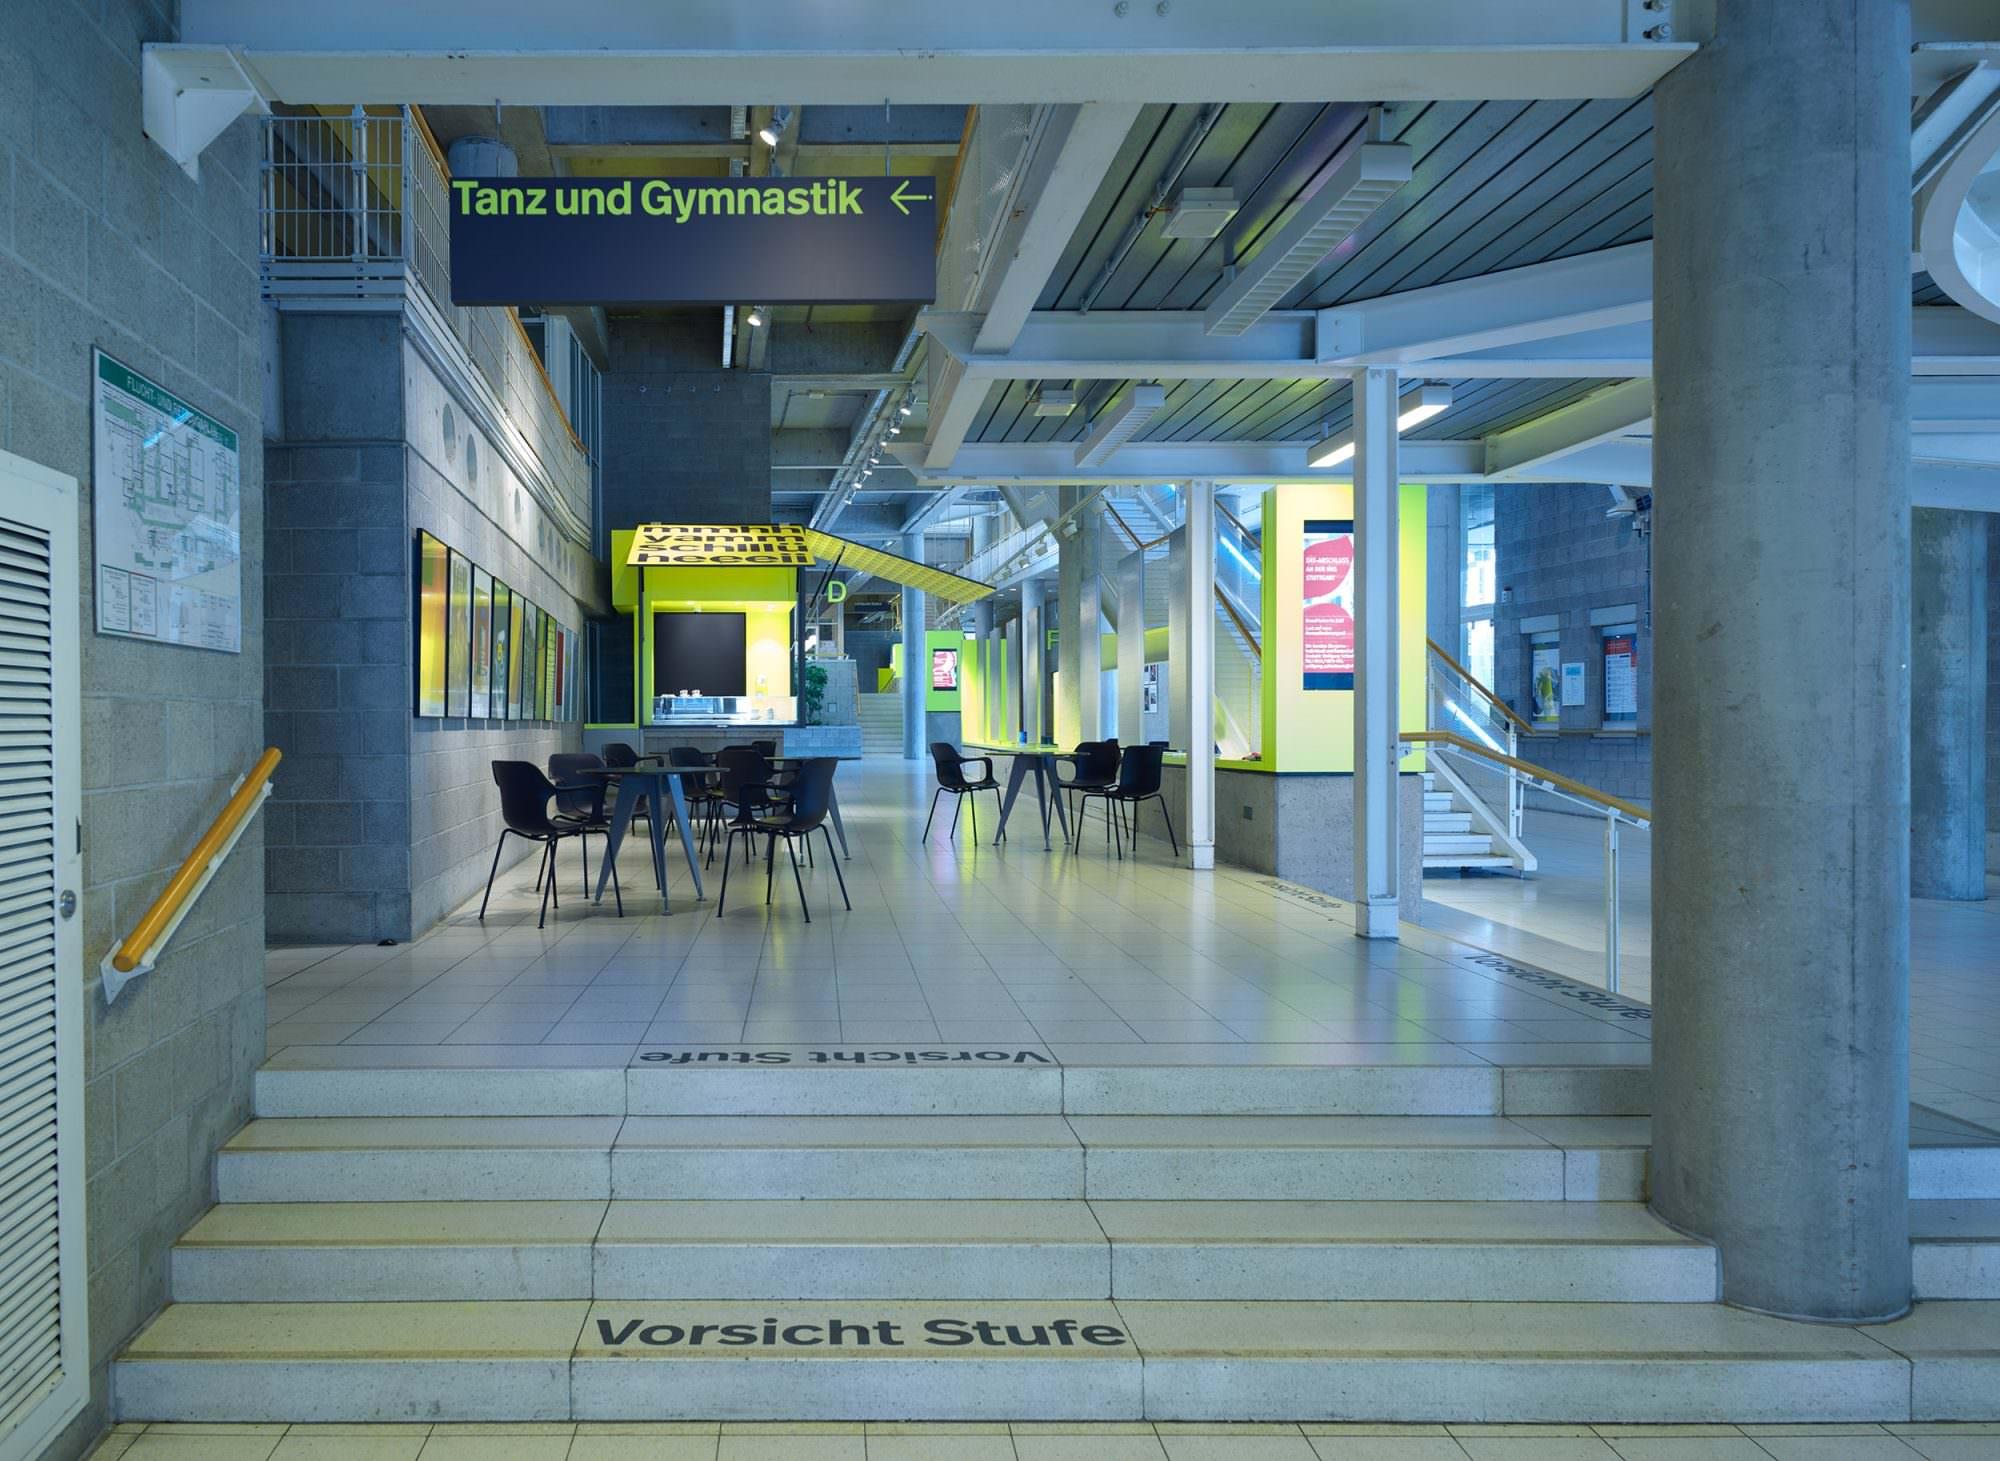 Treppenaufgang und Foyer des Rotebühlbaus mit diversen, leitenden Maßnahmen.